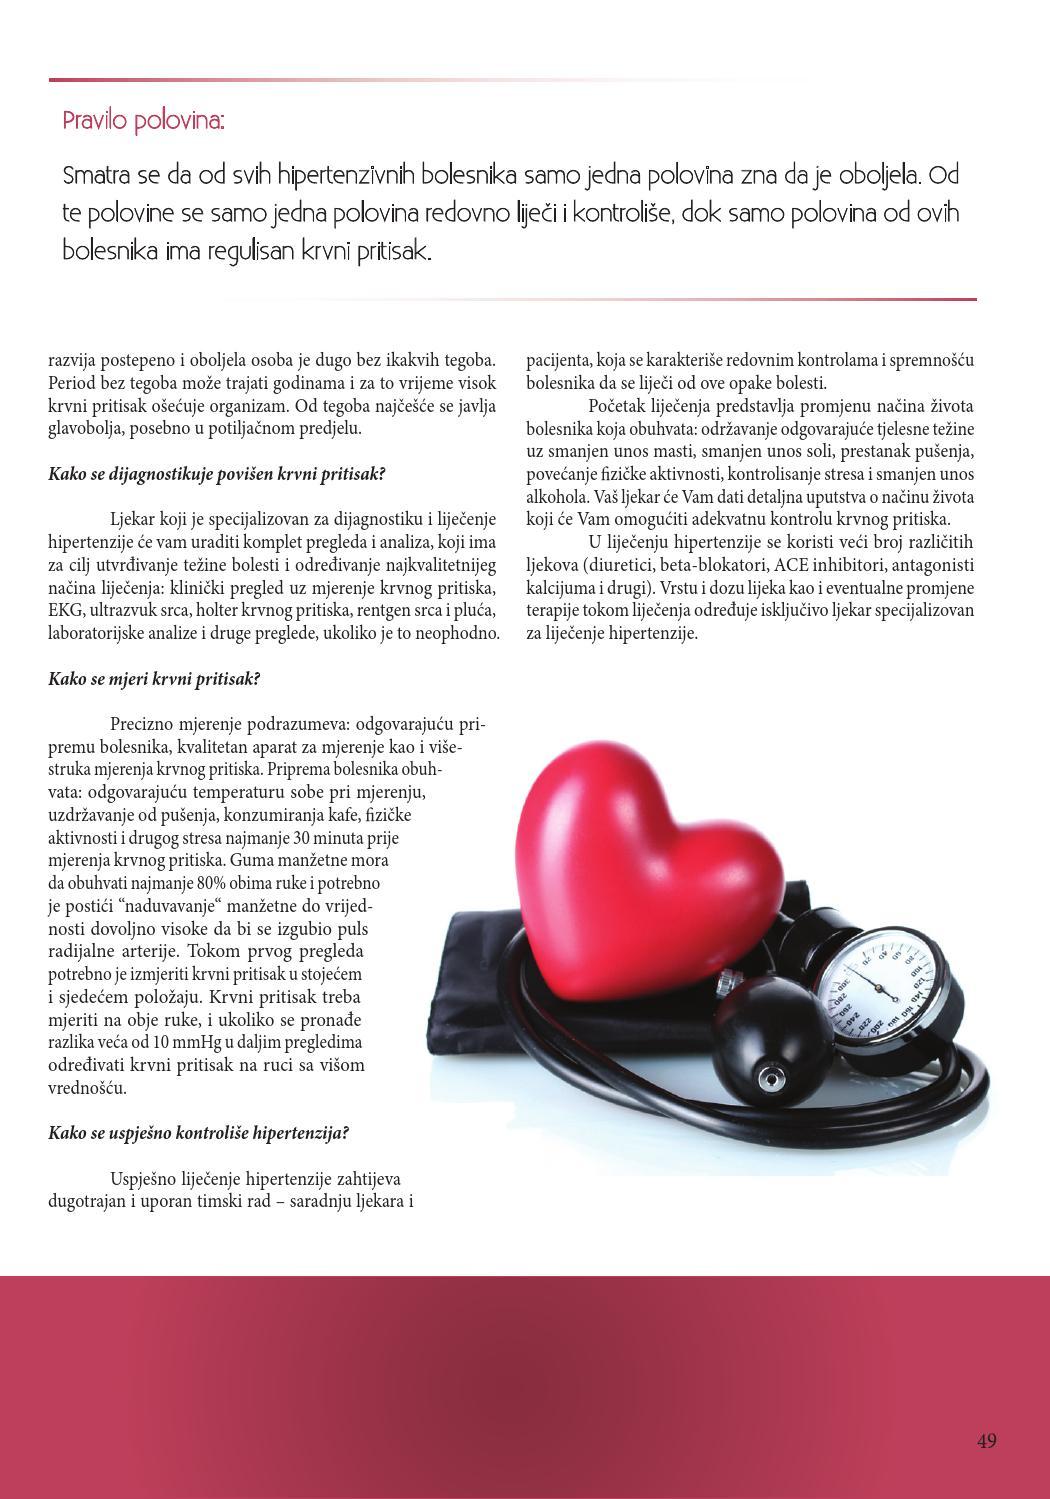 hipertenzija klinički pregled